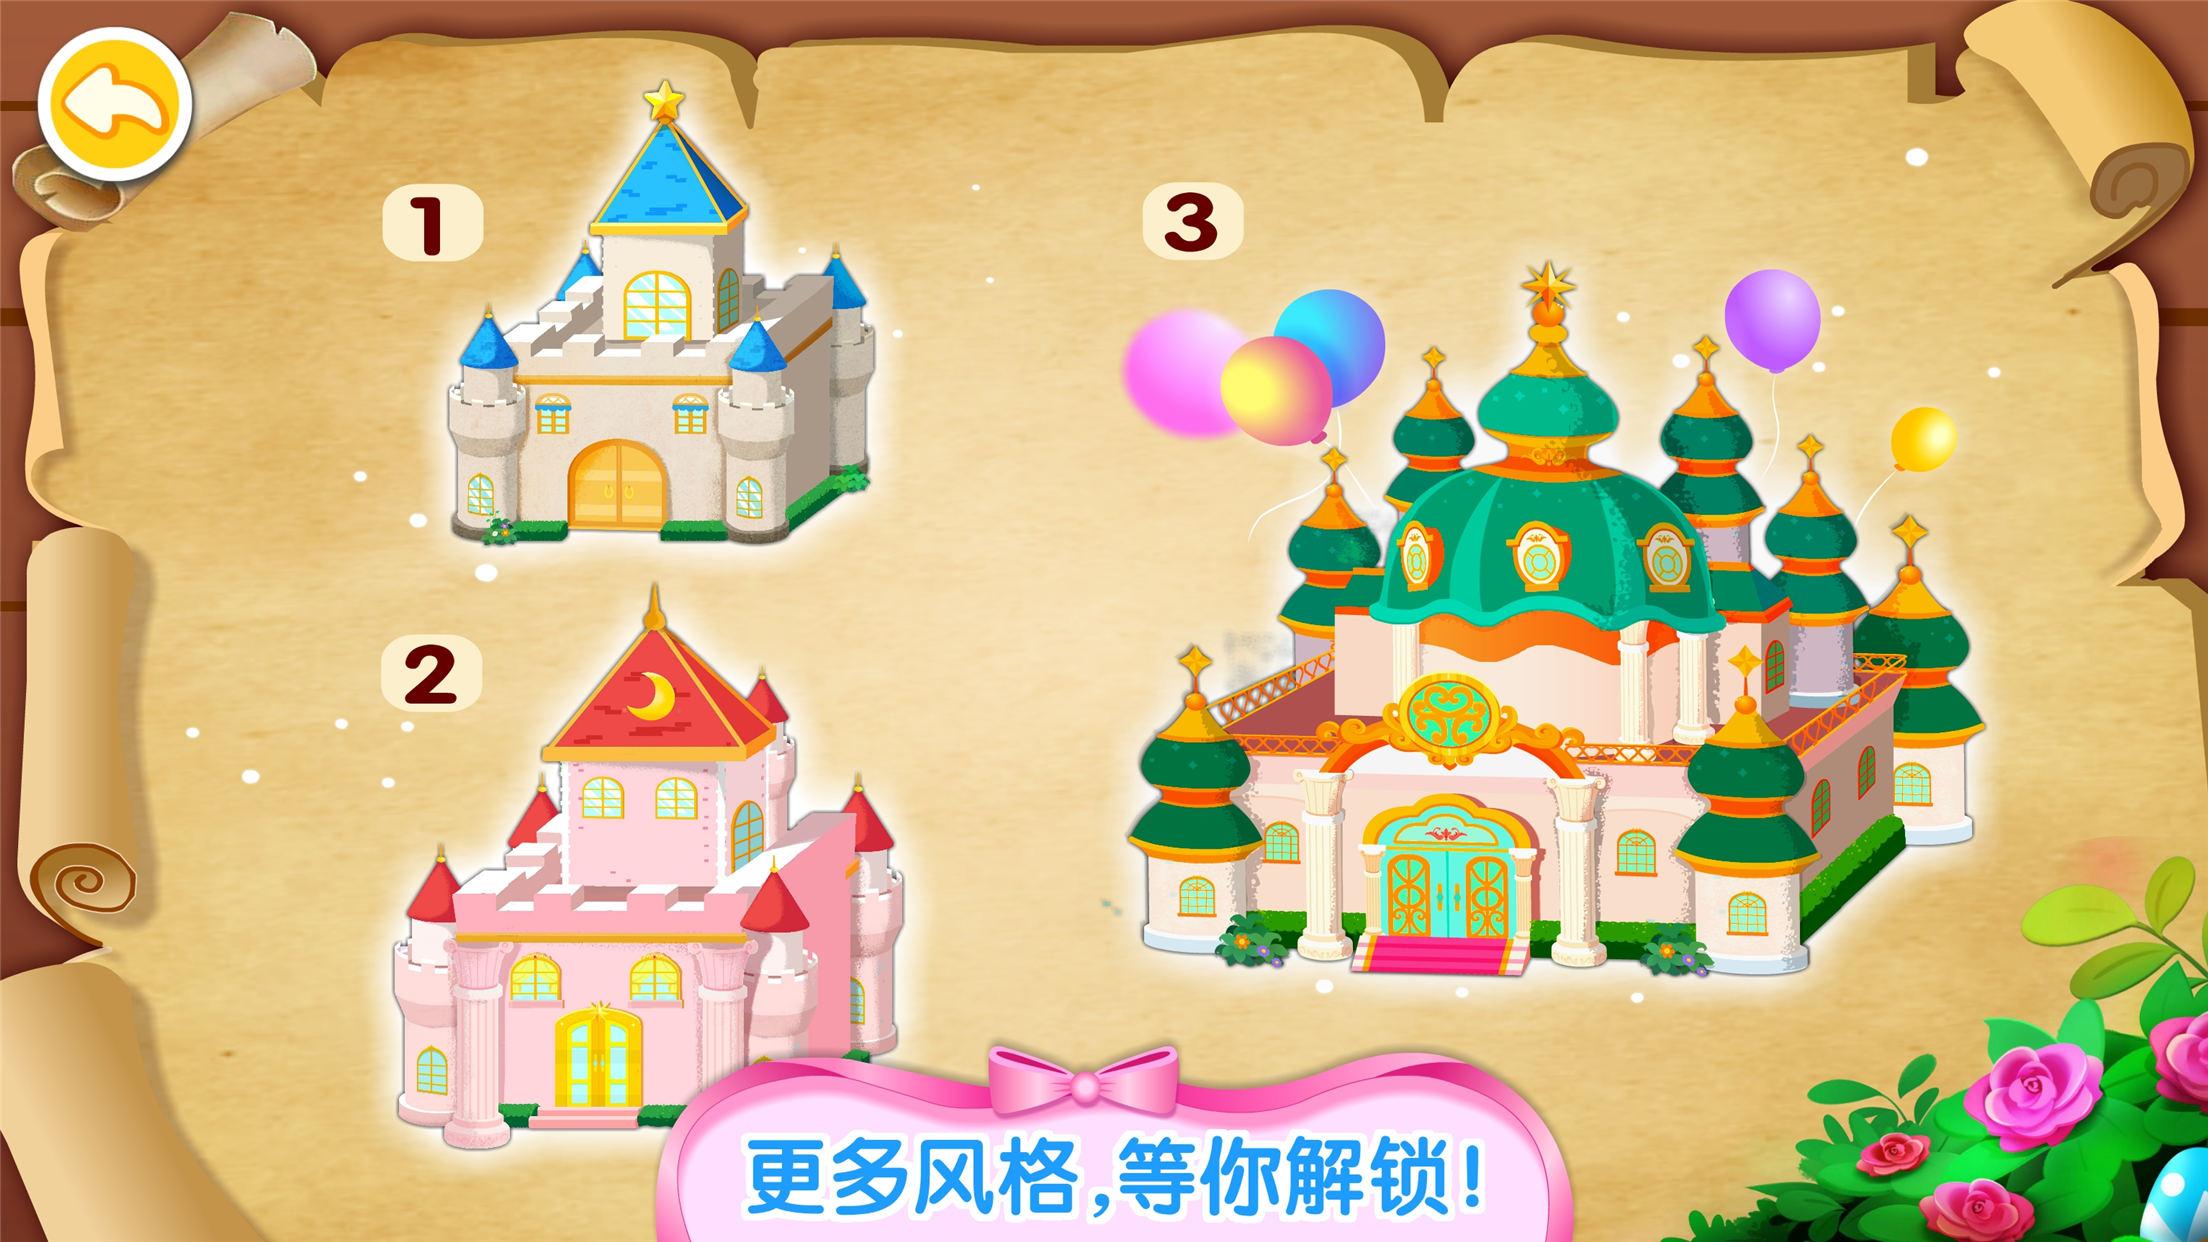 奇妙梦幻城堡游戏 V9.46.00.00 安卓版截图5